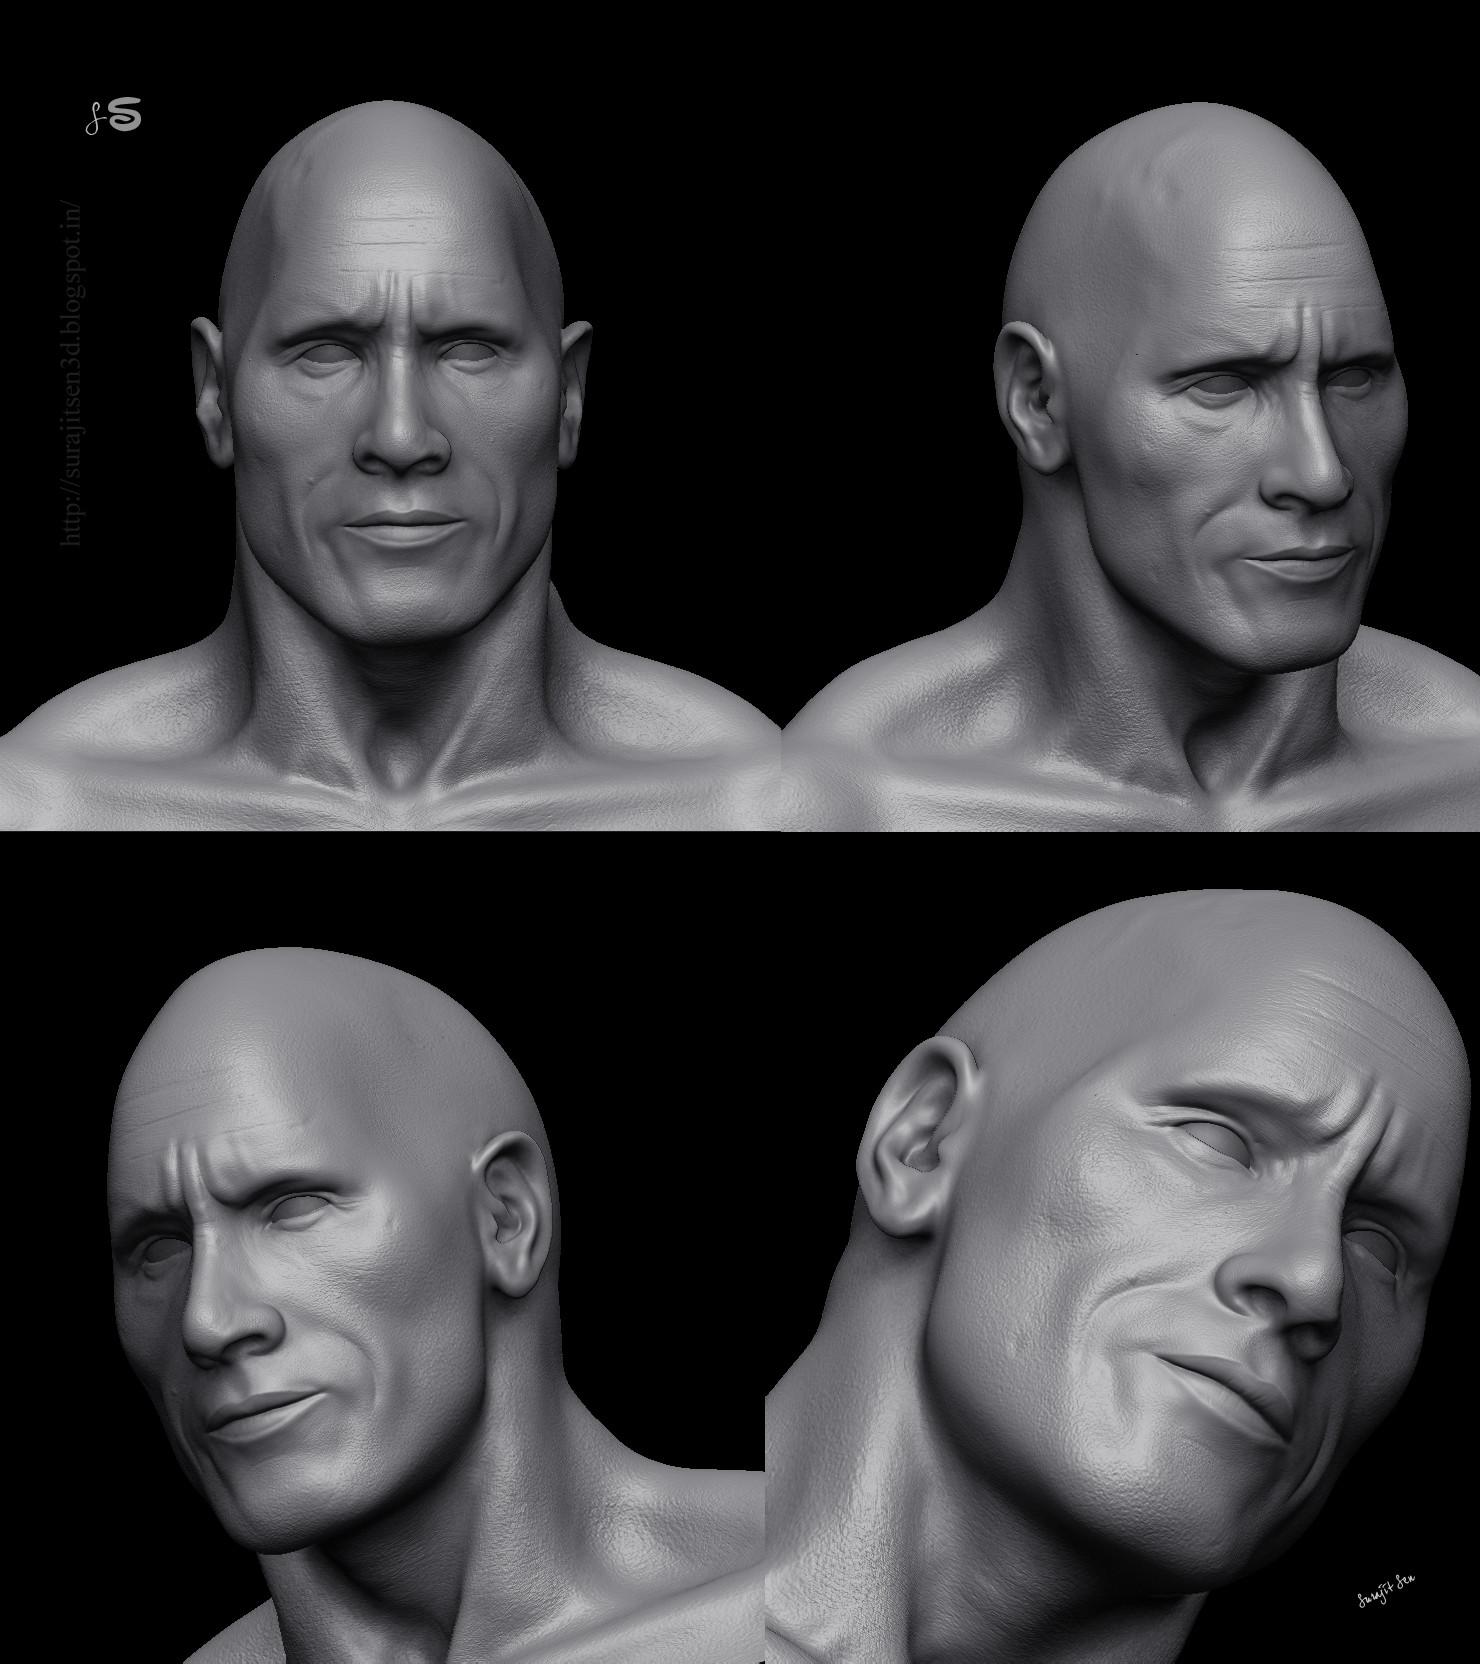 Surajit sen 3 dwayne johnson 3d porttrait sculptsshots by surajit sen